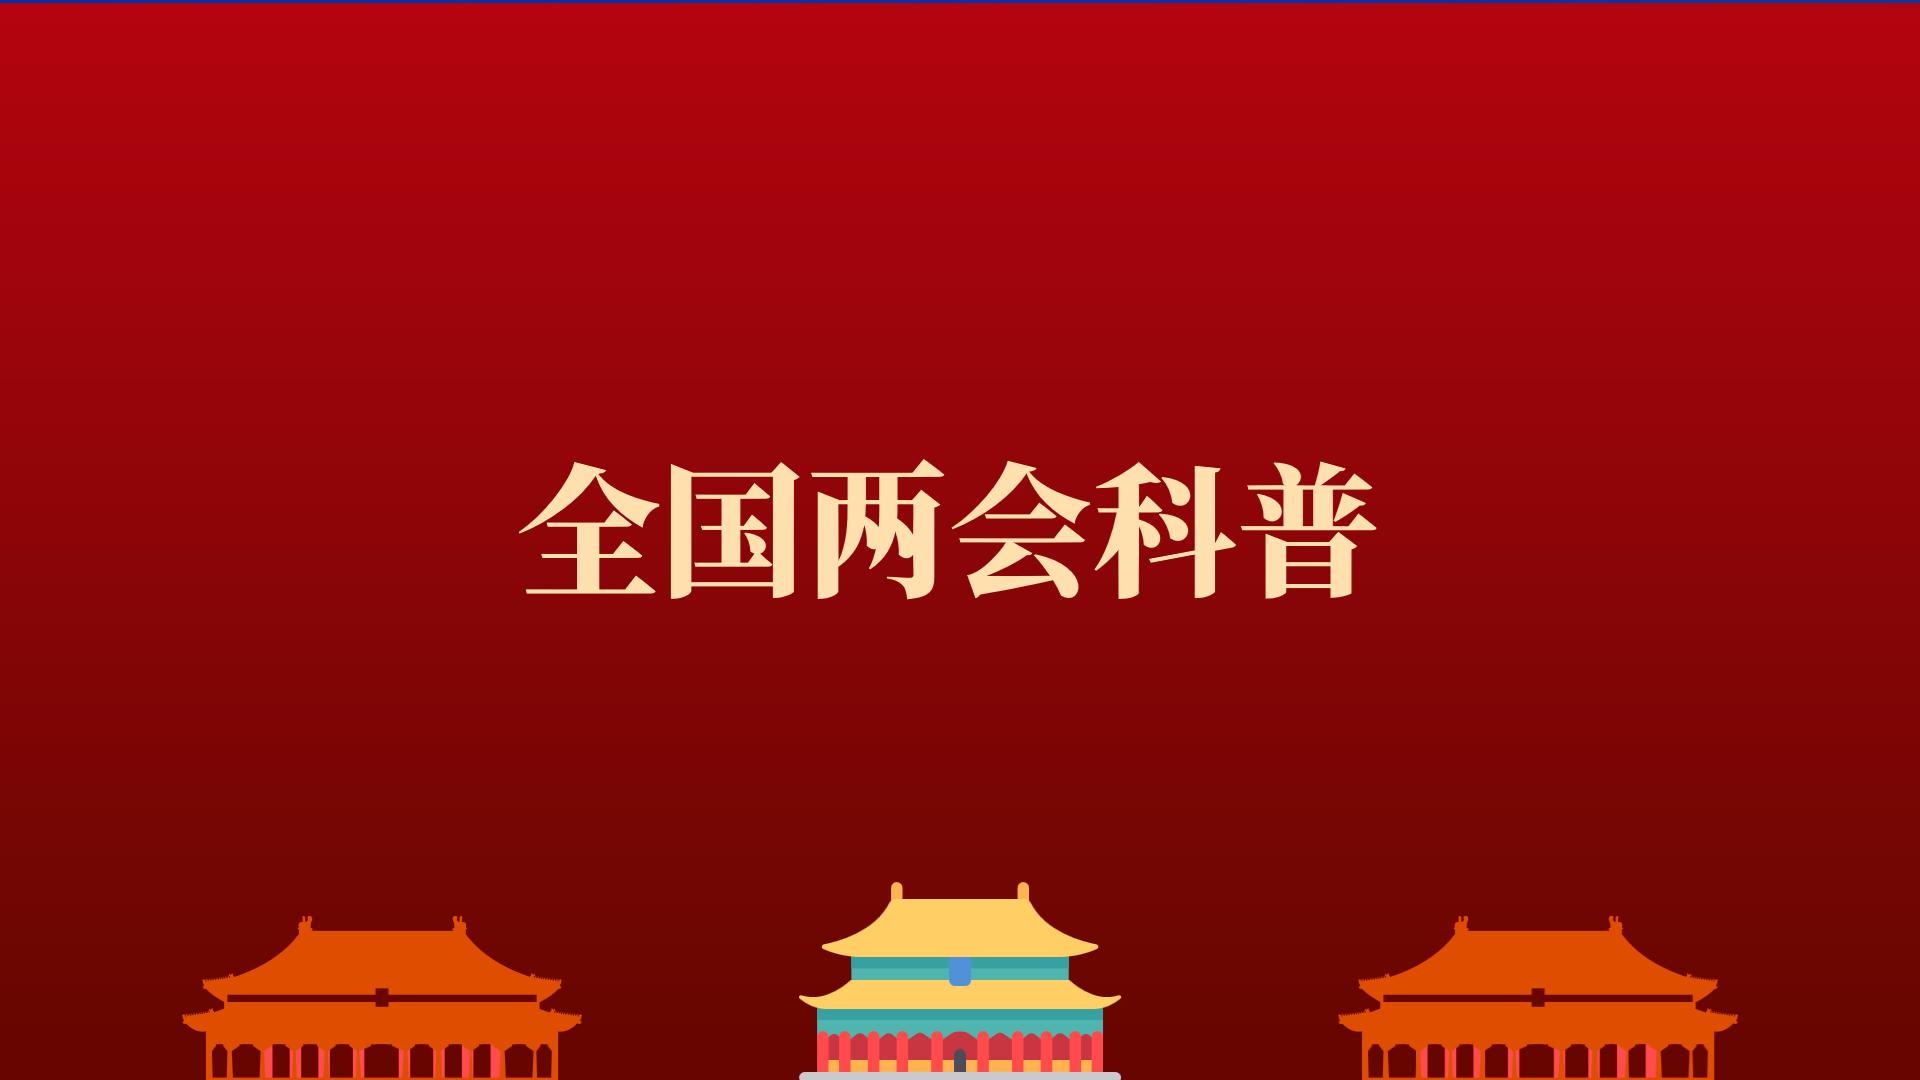 """胡导a股班:为什么炒股一定要重视""""两会""""?"""